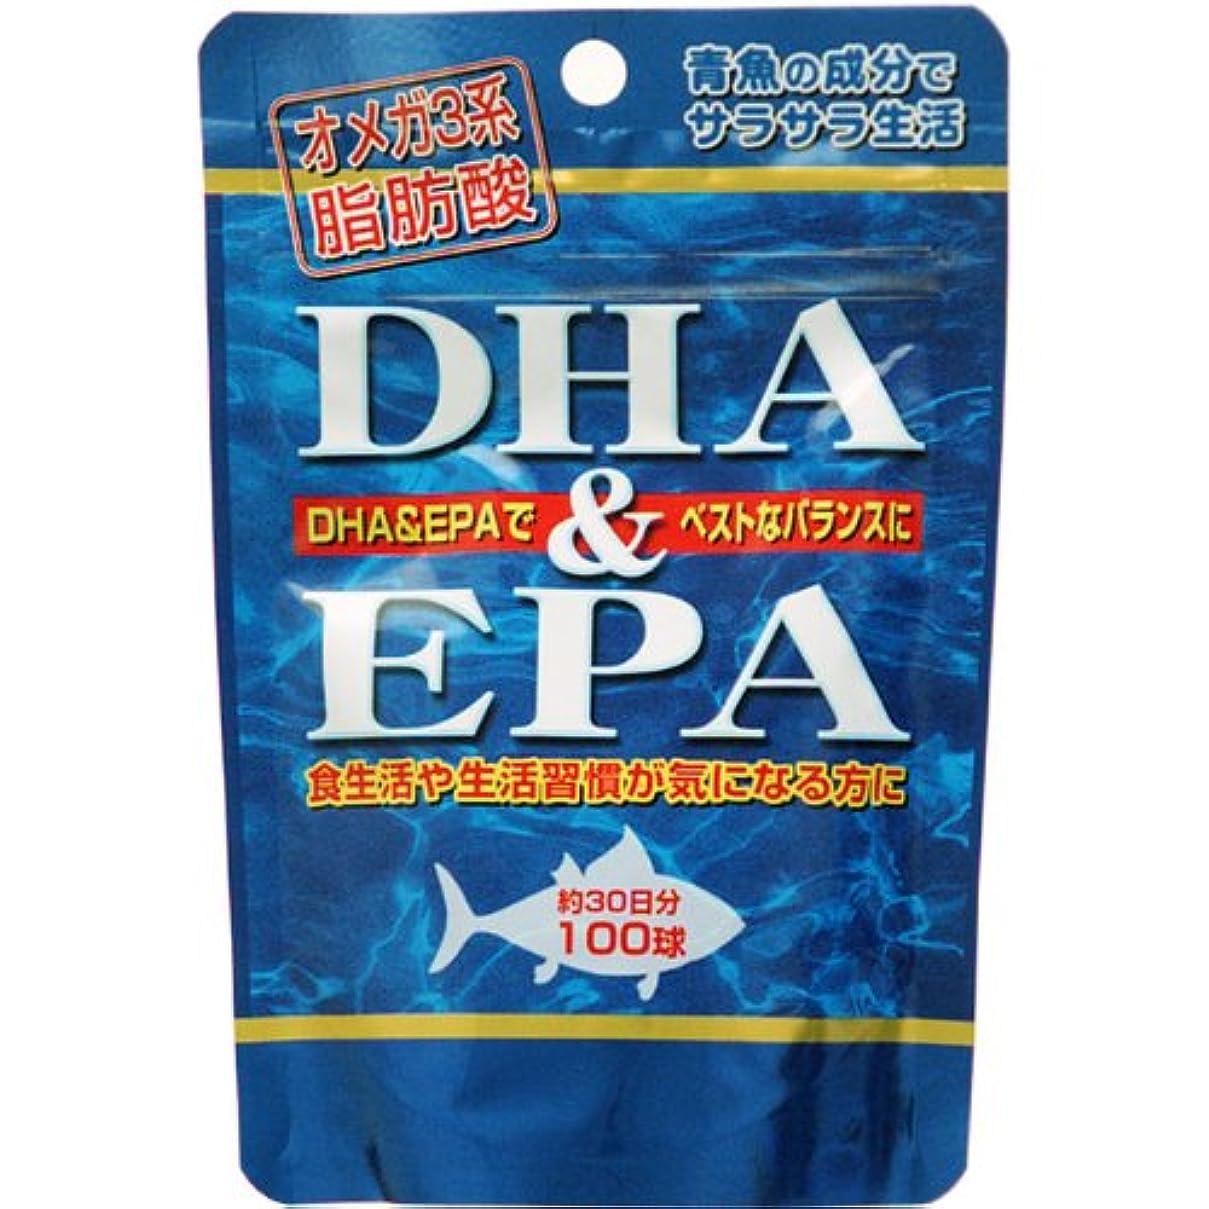 復活させる難民ゆりDHA(ドコサヘキサエン酸)&EPA(エイコサペンタエン酸)×2